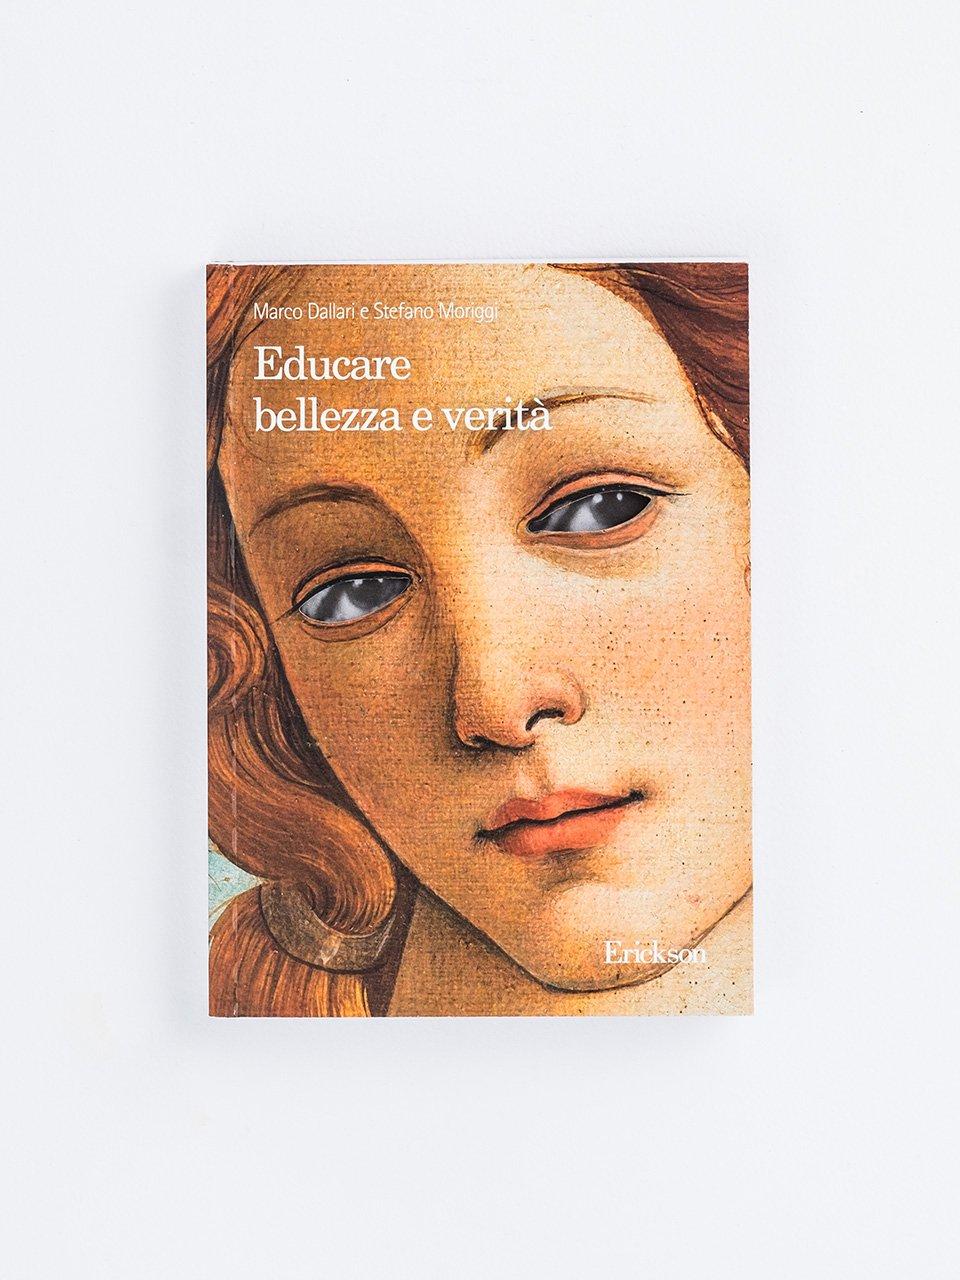 Educare bellezza e verità - Pedagogista - Erickson